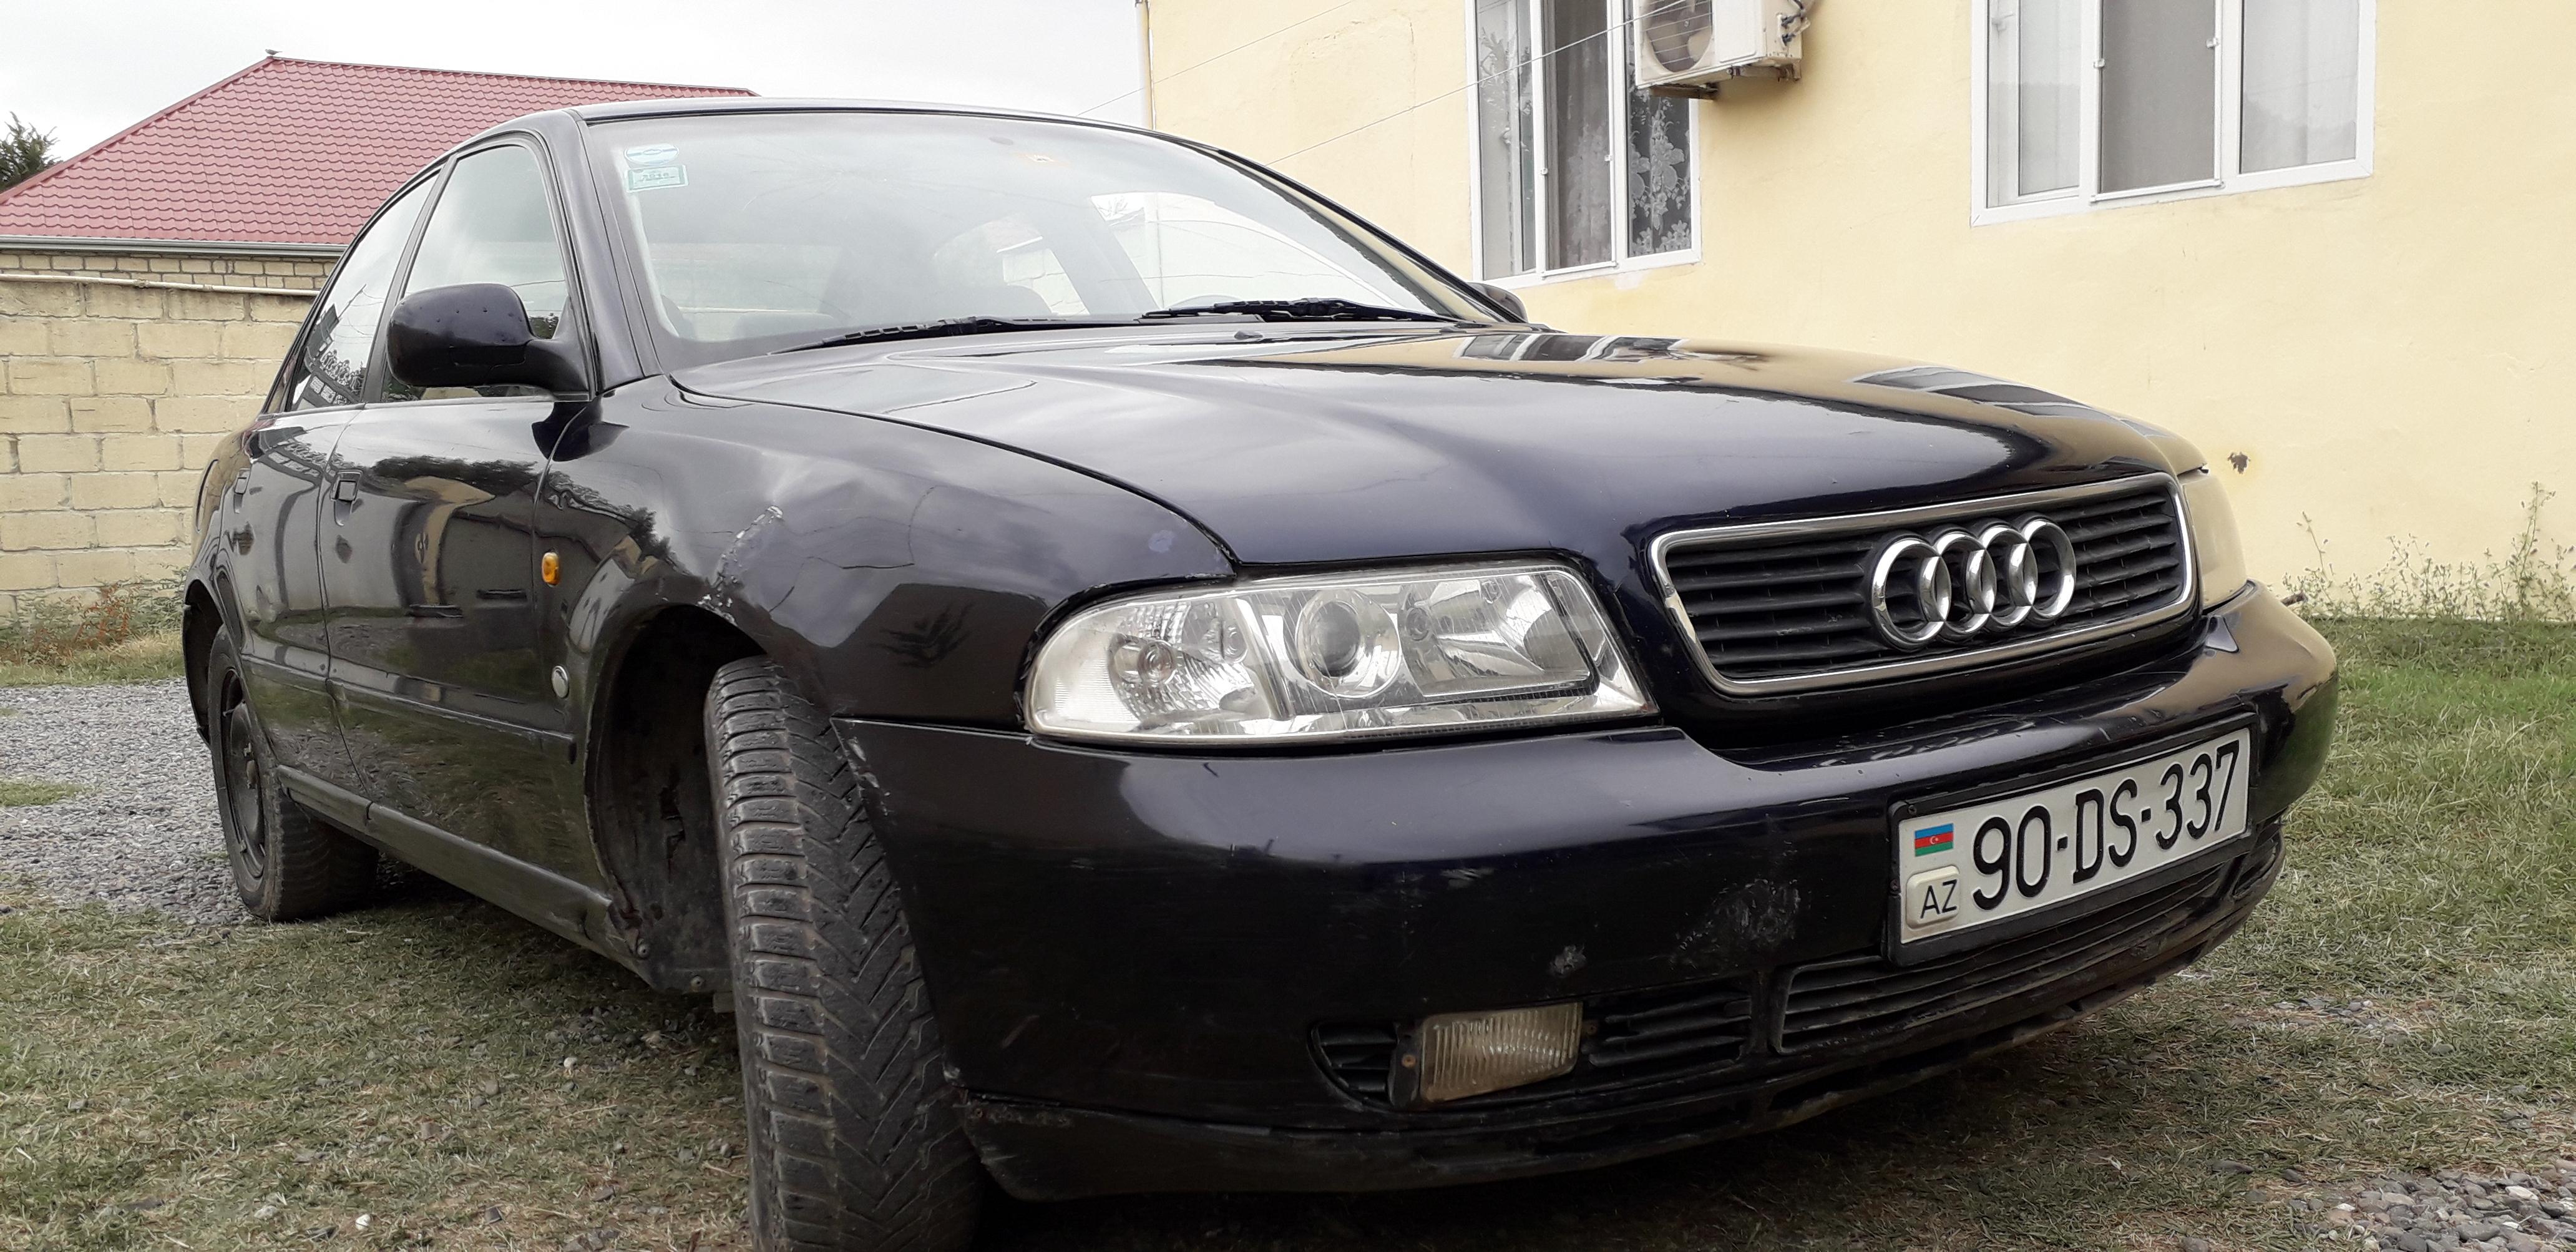 Audi A4 1.8(lt) 1996 Подержанный  $3500